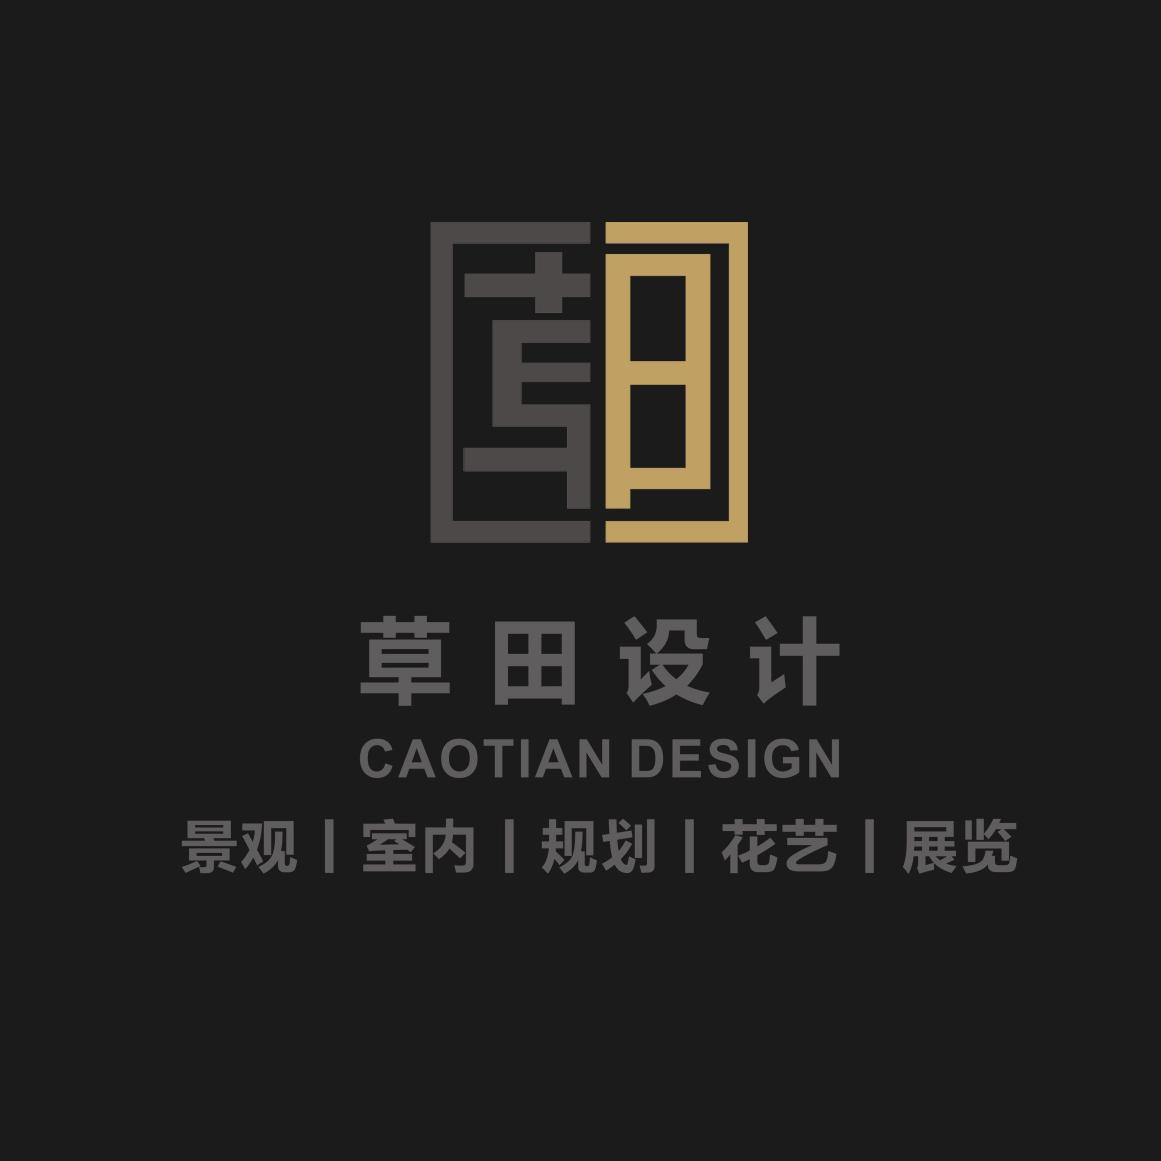 草田设计文化产业